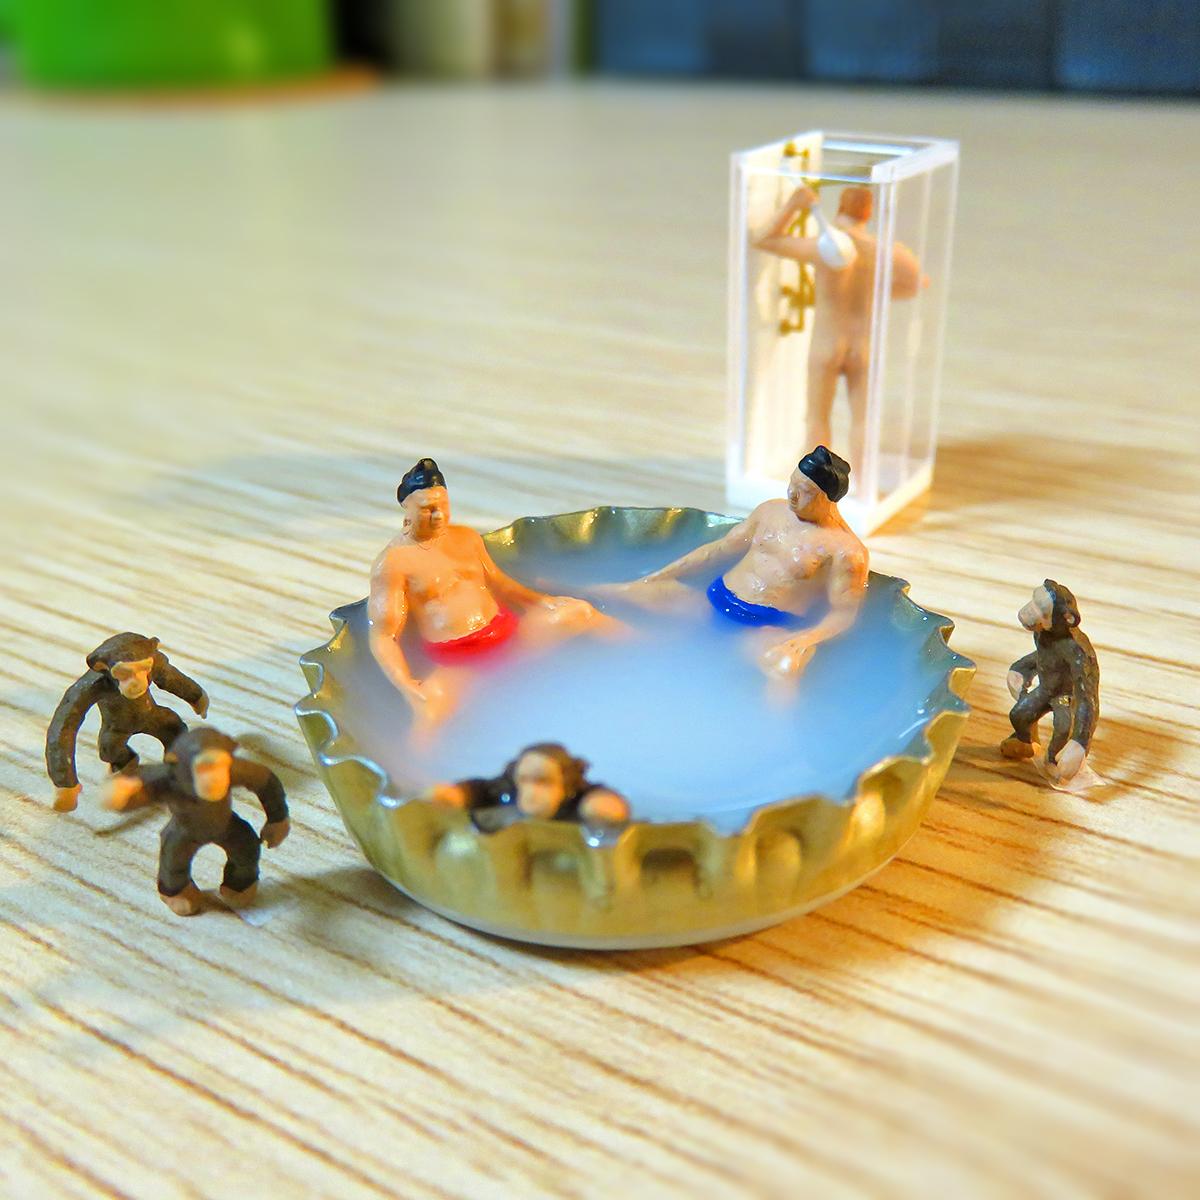 4月26日はよい風呂の日!瓶のフタ温泉に浸かるお相撲さんと猿